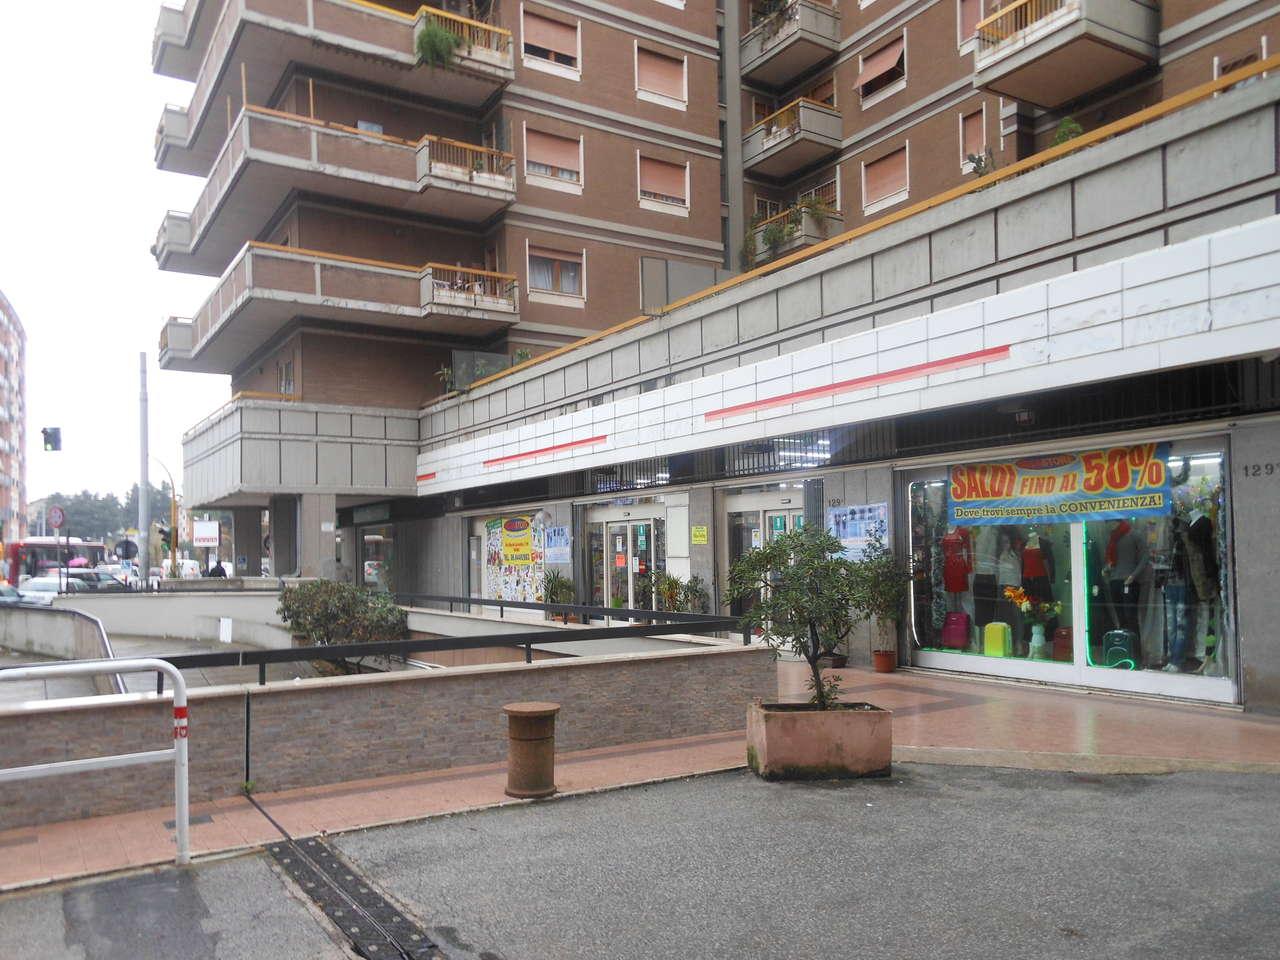 Tft.net - RETAIL ROMA NORD A REDDITO Locale in Vendita